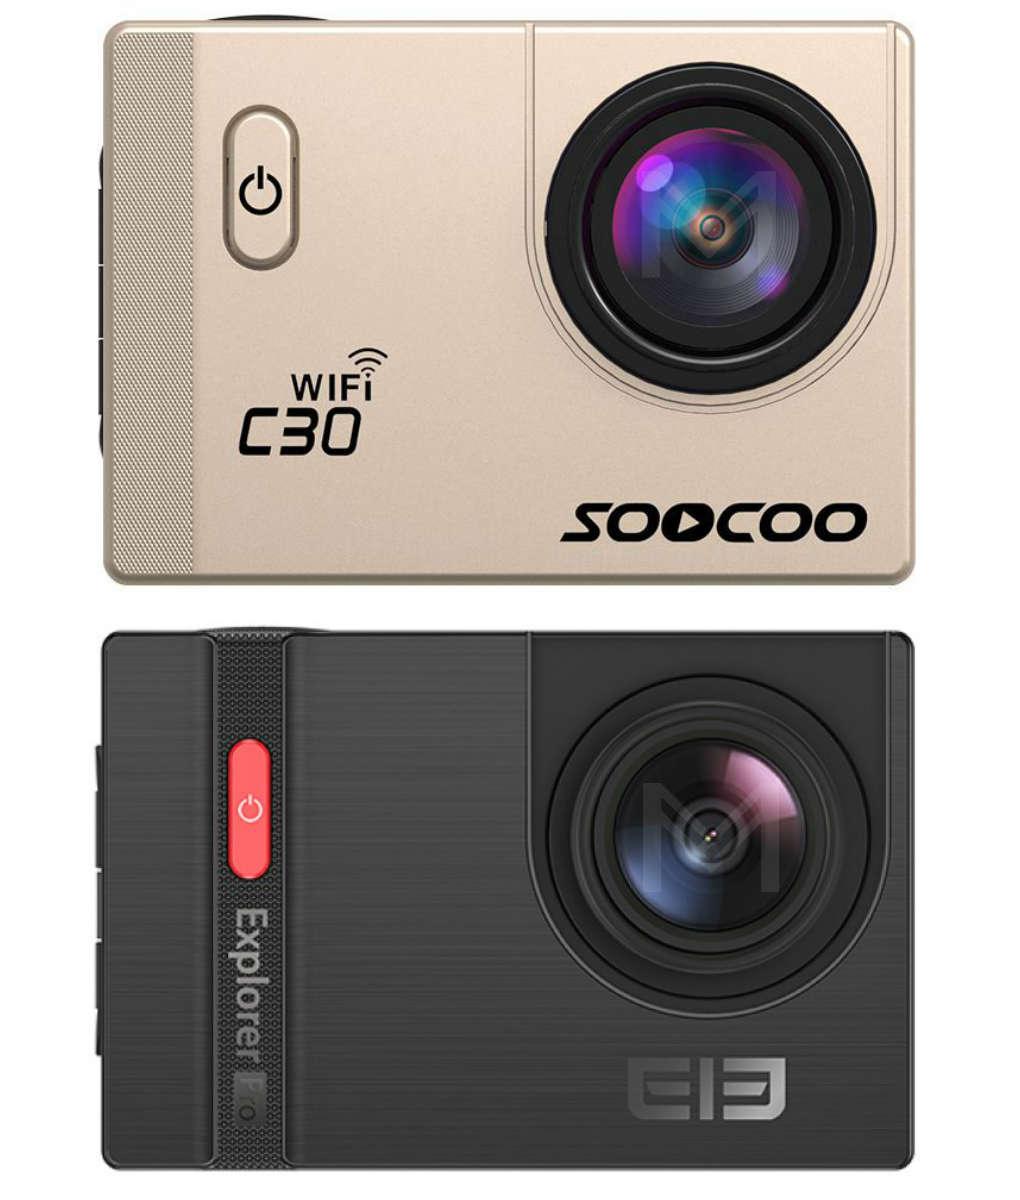 soocoo c30 vs telephone explorer pro metropolitanmonkey.com